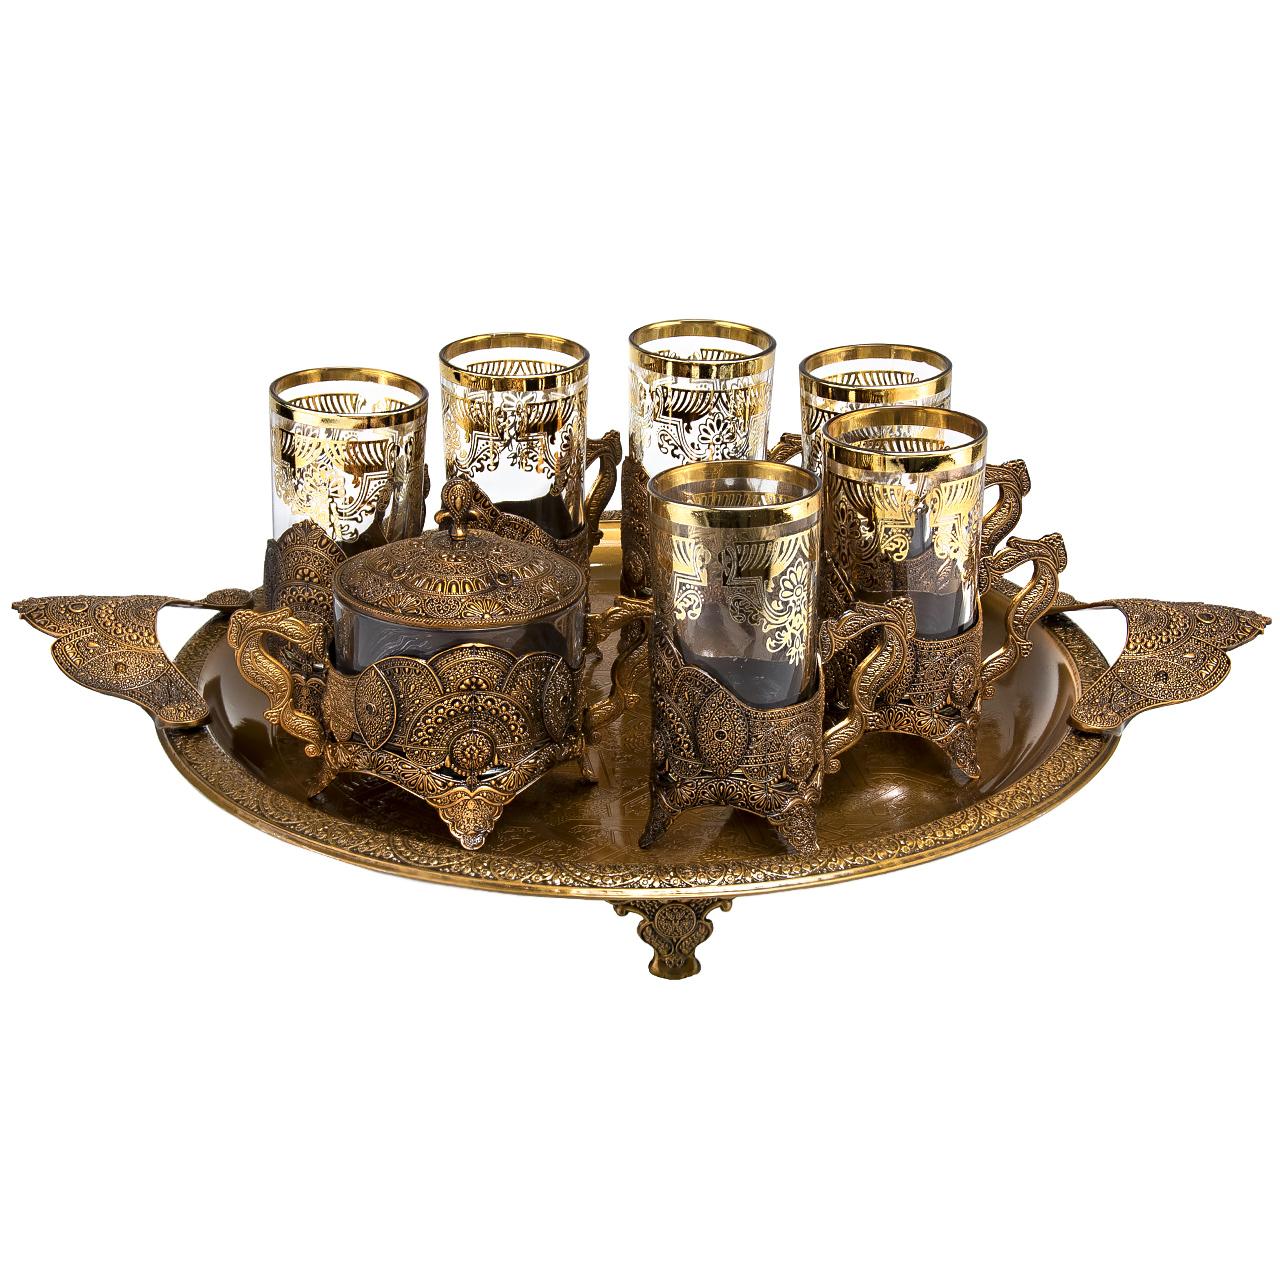 عکس سرویس چای خوری 14 پارچه مدل 1729